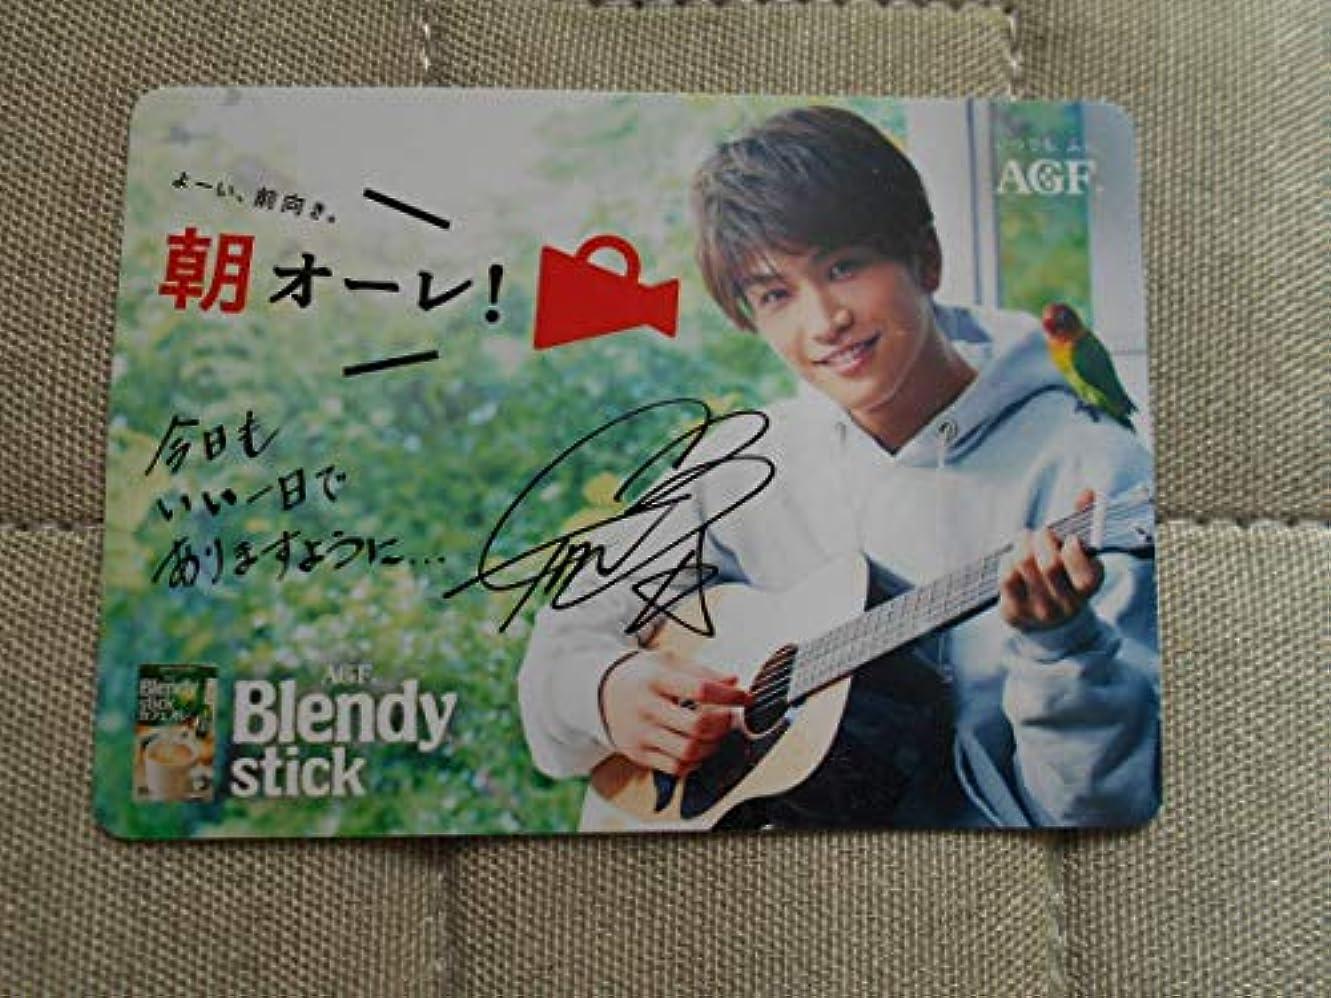 私たちの節約する前任者Blendyブレンディ スティック アソート岩田剛典 メッセージカードのみがんちゃんEXILE三代目JSB